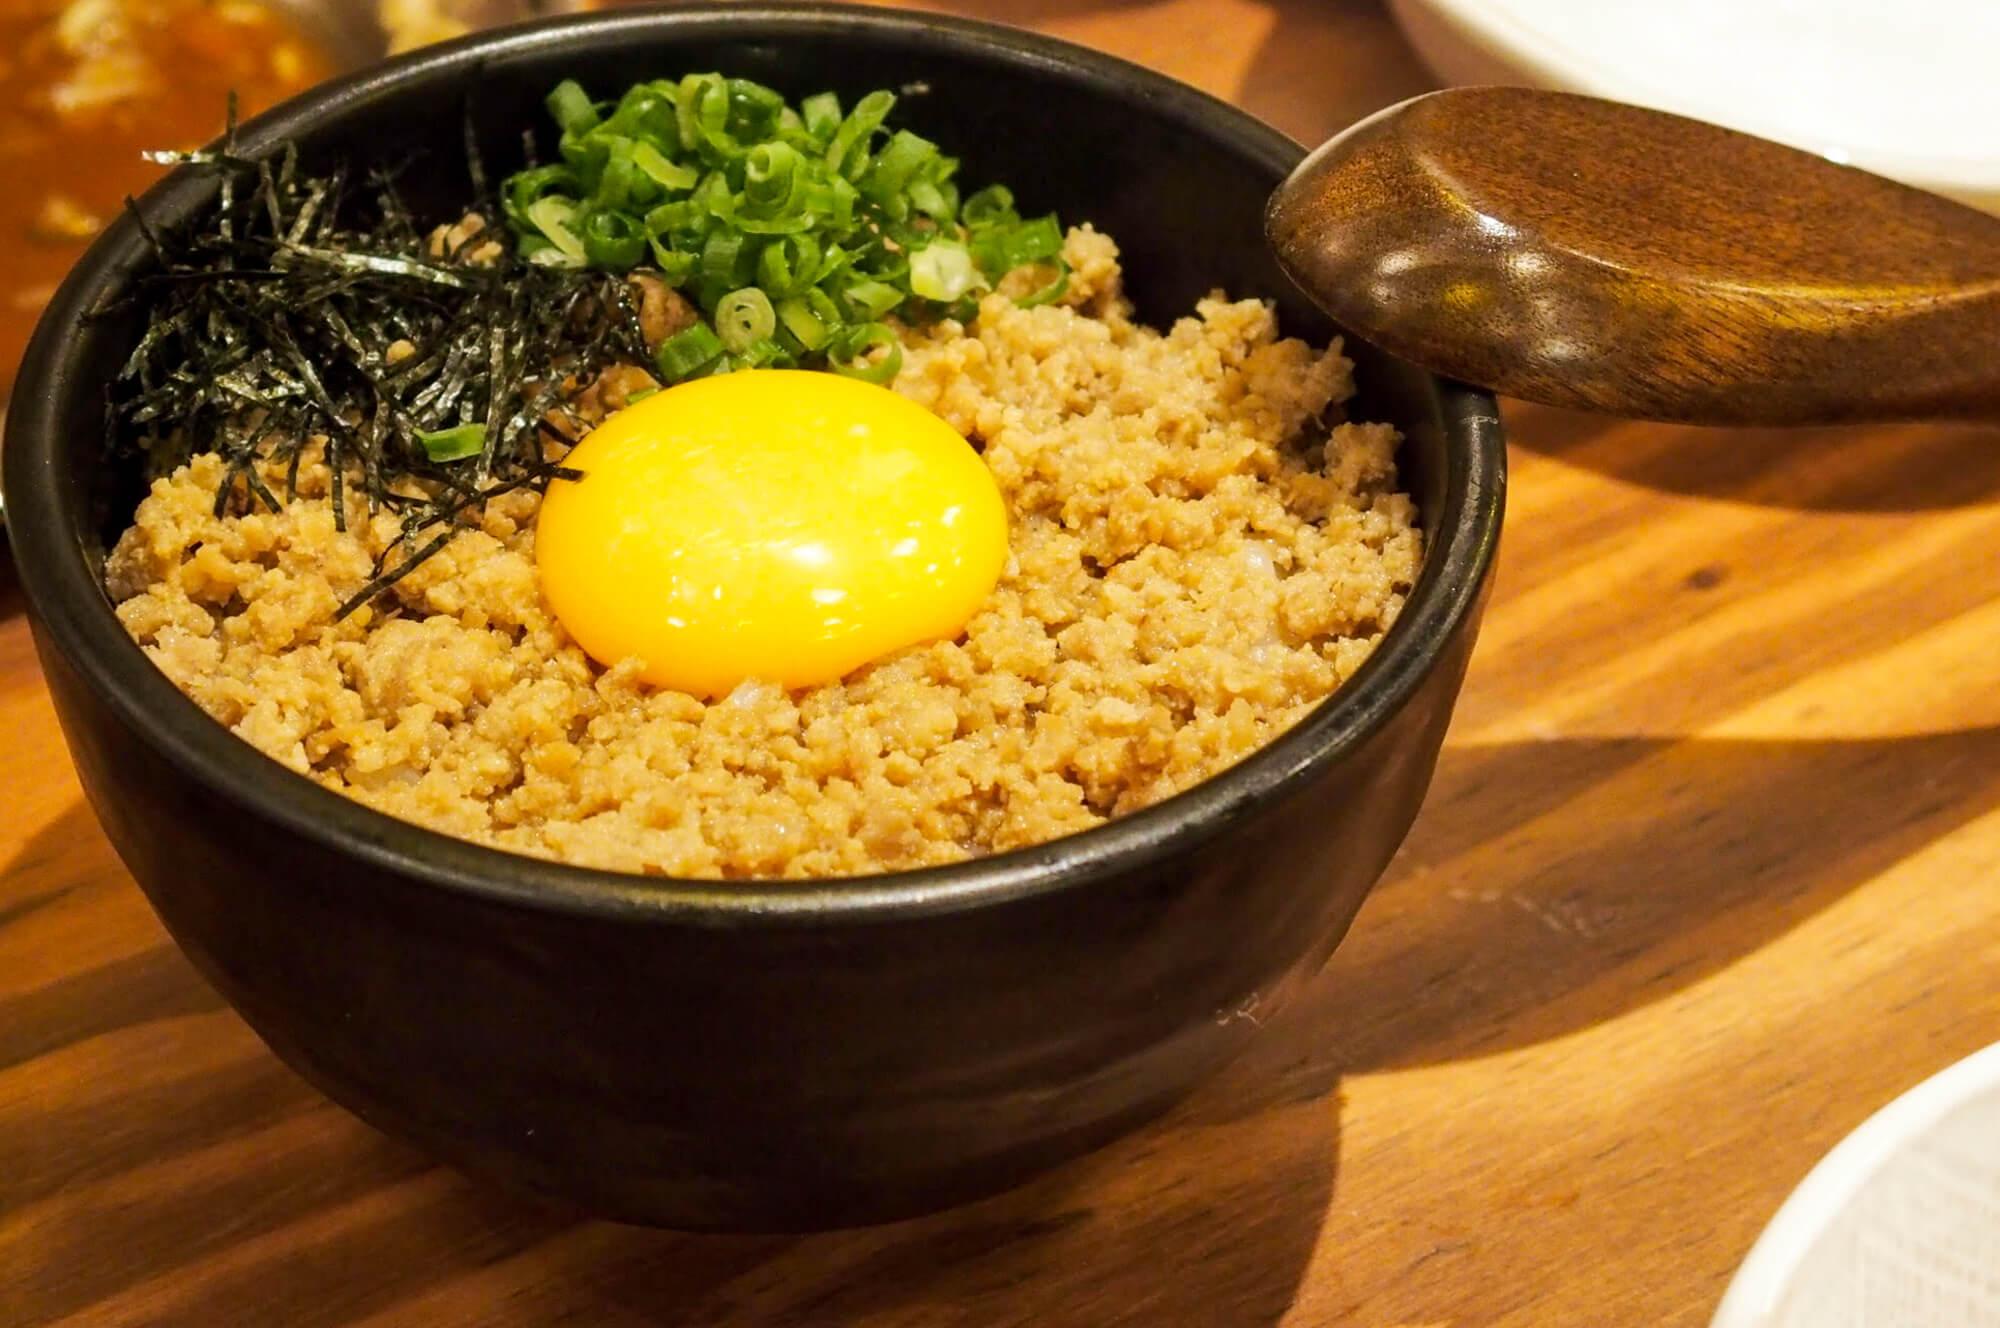 【新宿ランチ】「とり家 ゑび寿」昼も夜も鶏を堪能できます! #新宿名店横丁